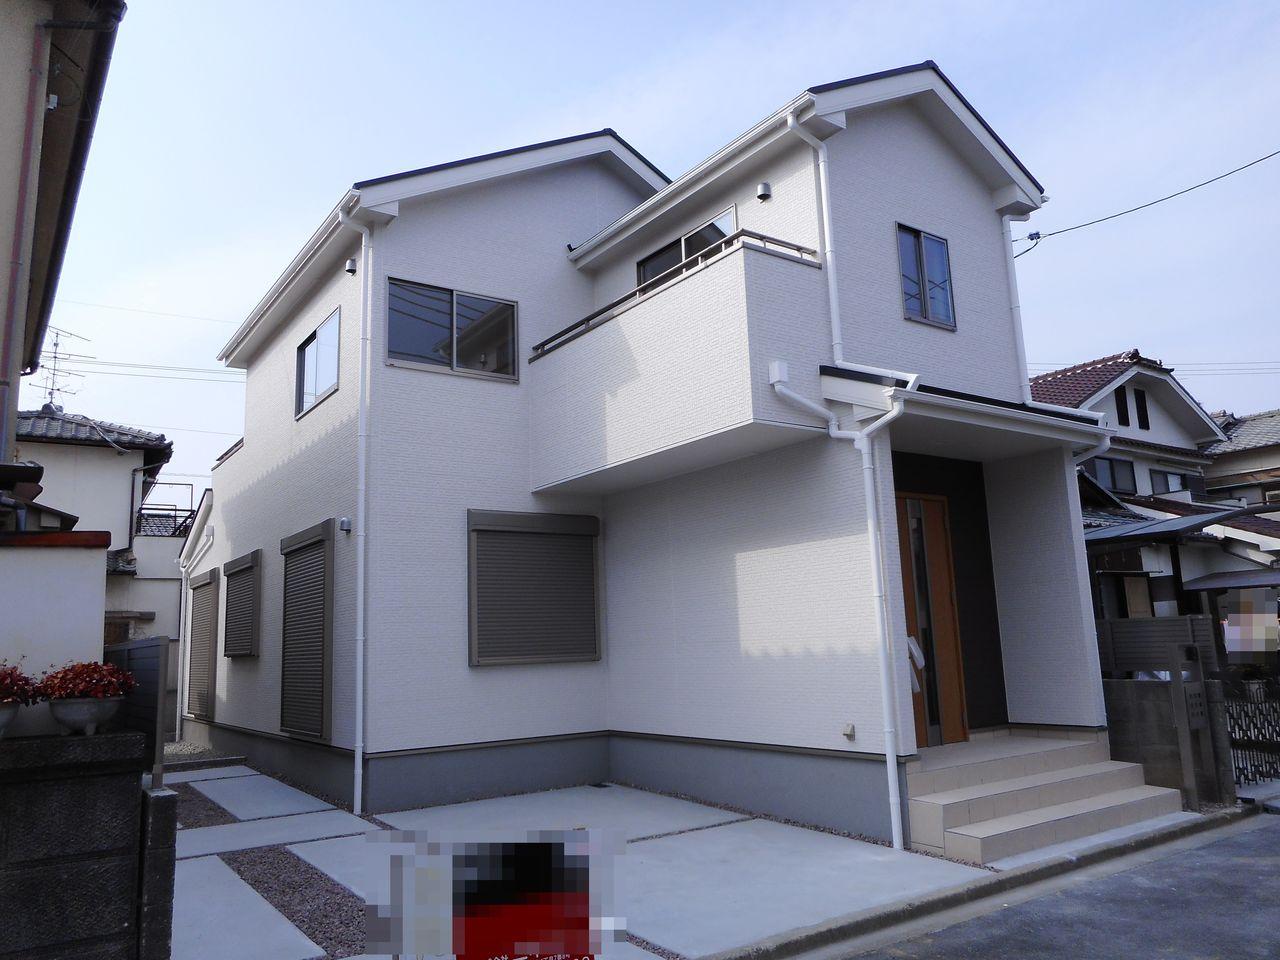 月々6万円台のお支払いで購入して頂けます。 ローンのご相談もお気軽にどうぞ! 即入居可能です。